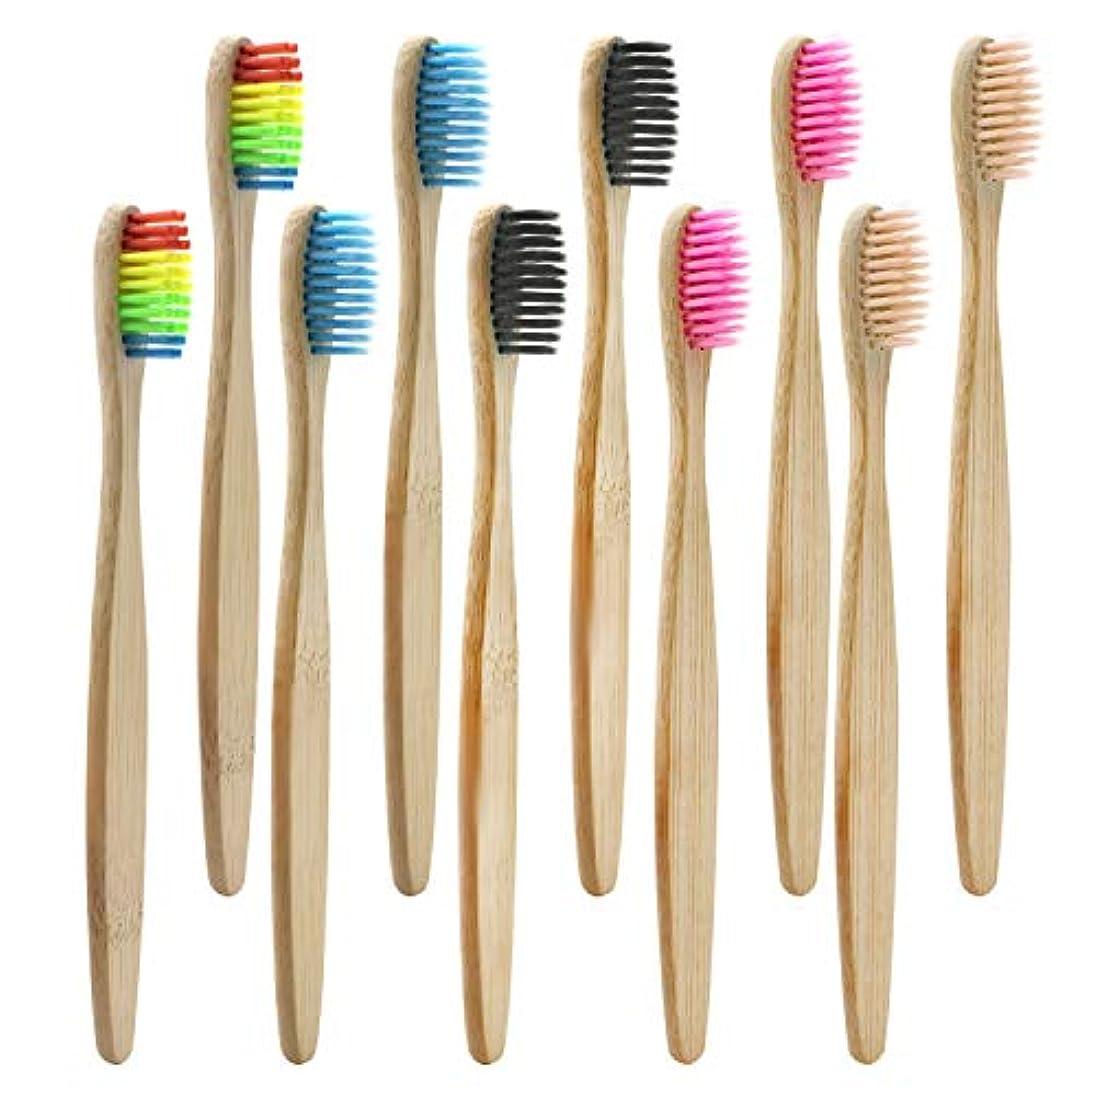 マイコン誤って航海のDracarys 竹製の歯ブラシ 10本入れ(5色各5本) やわらかめ 細毛 エコ歯ブラシ 自然分解される環境に優しい竹製歯ブラシ 家庭用 旅行用